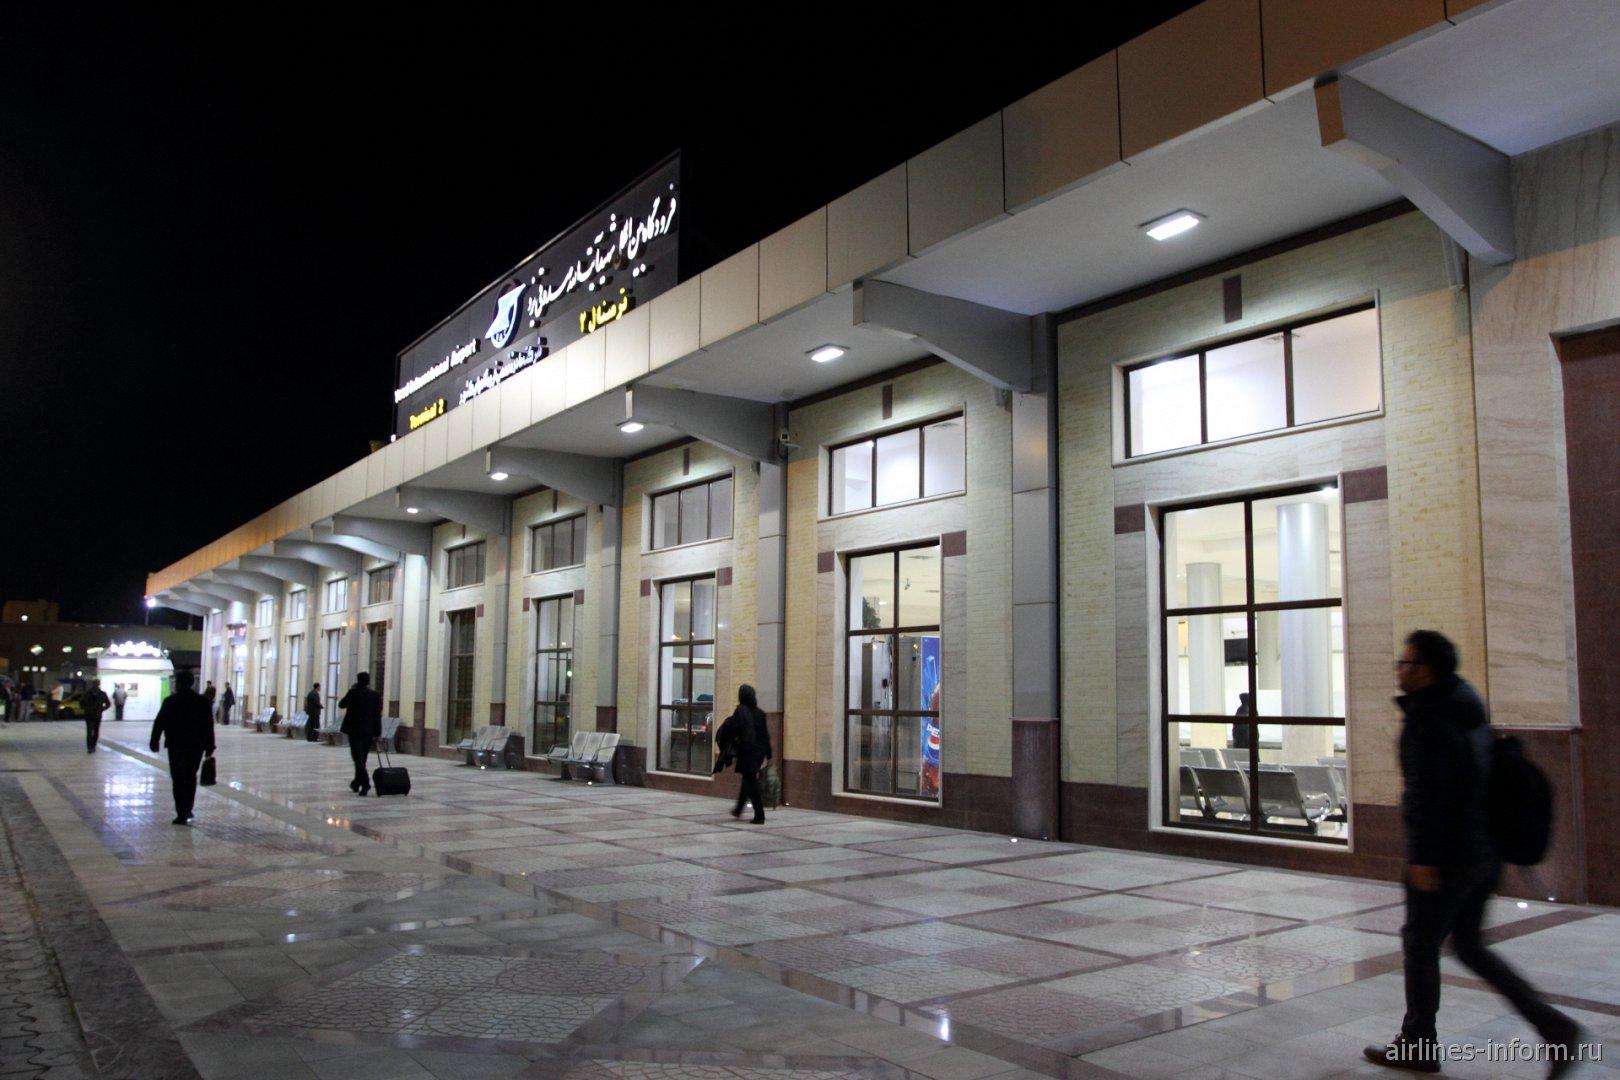 Аэровокзал аэропорта Язд Шахид Садухи со стороны привокзальной площади